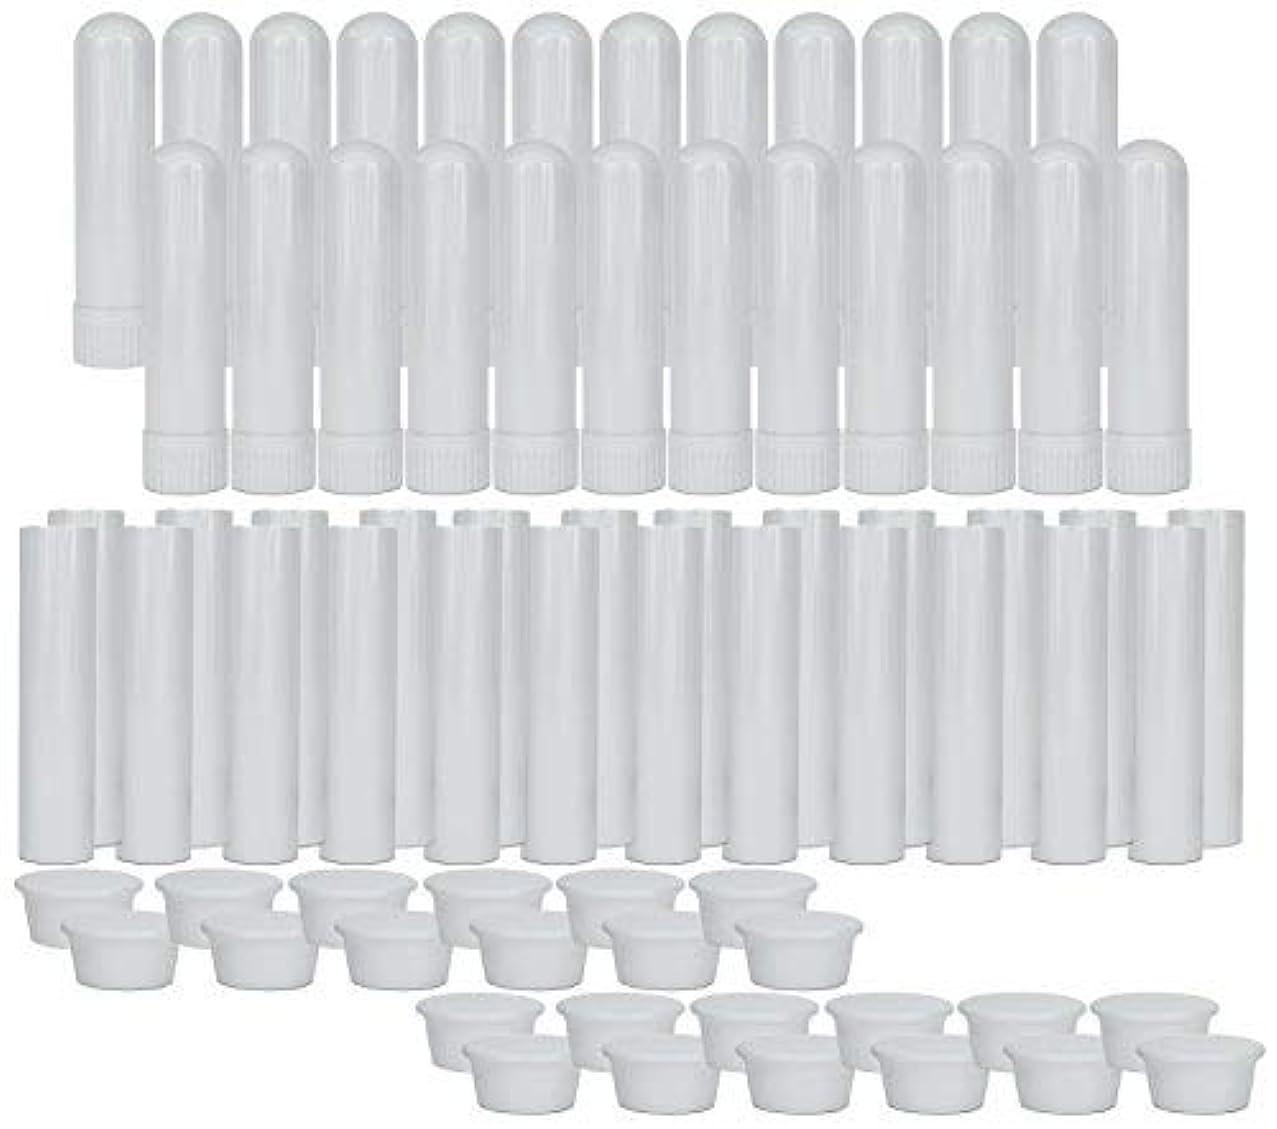 スポンサー定規アサートEssential Oil Aromatherapy Blank Nasal Inhaler Tubes (24 Complete Sticks), Empty Nasal Inhalers for Essential...